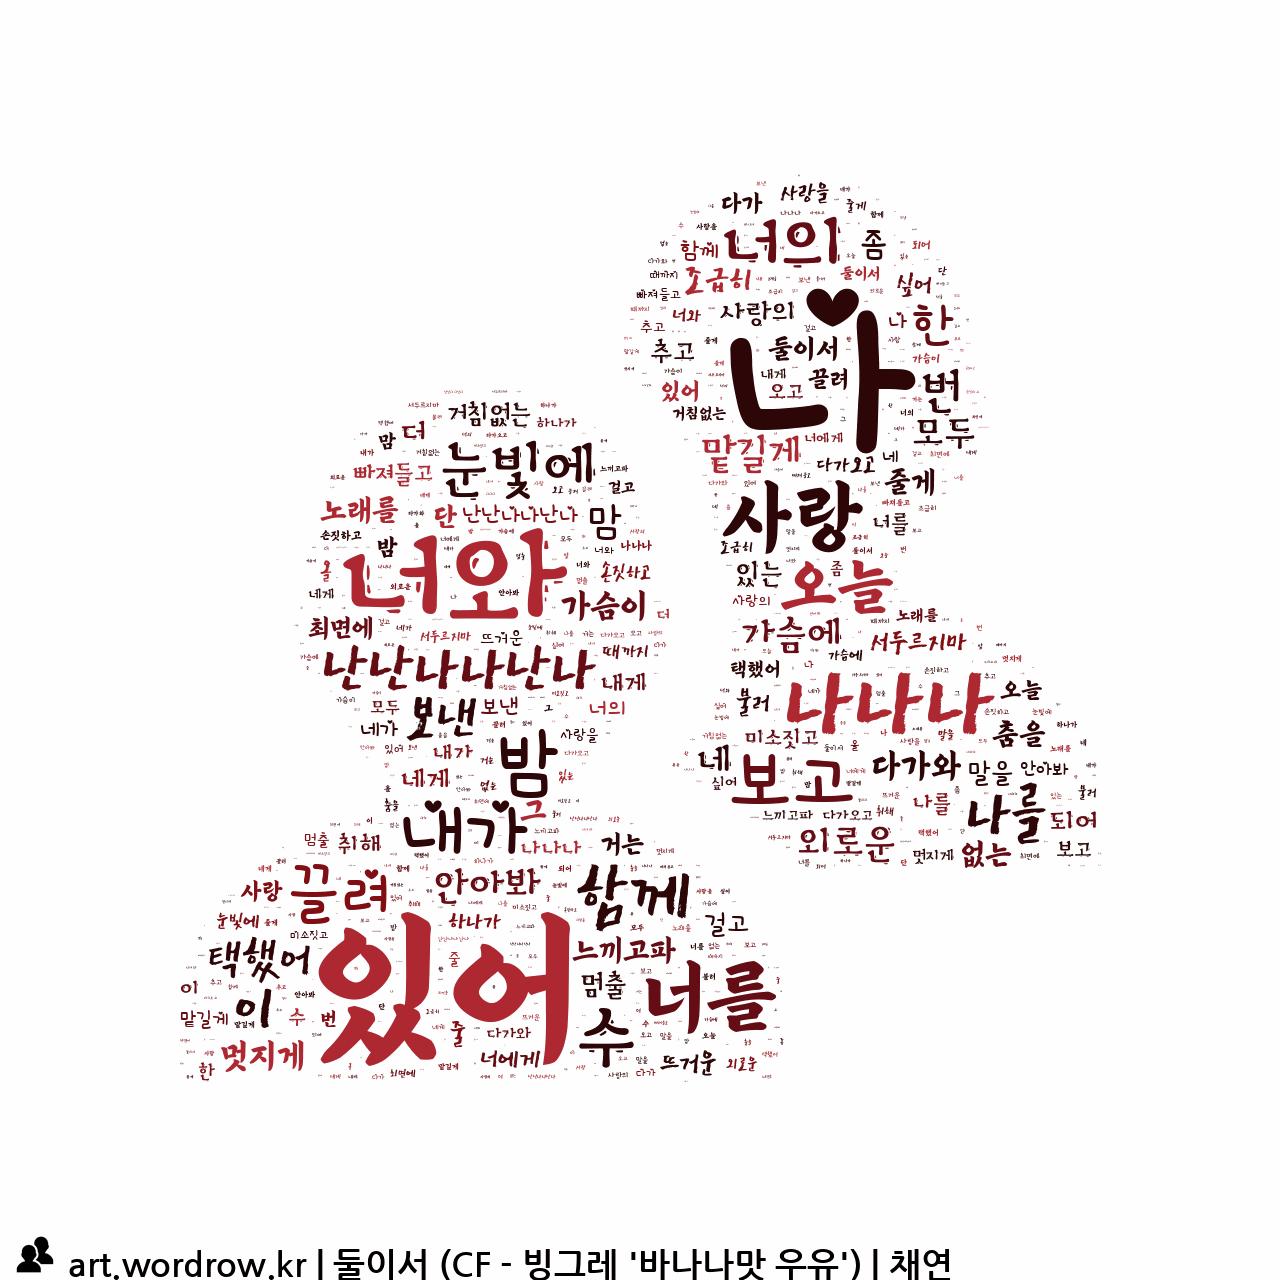 워드 아트: 둘이서 (CF - 빙그레 '바나나맛 우유') [채연]-48